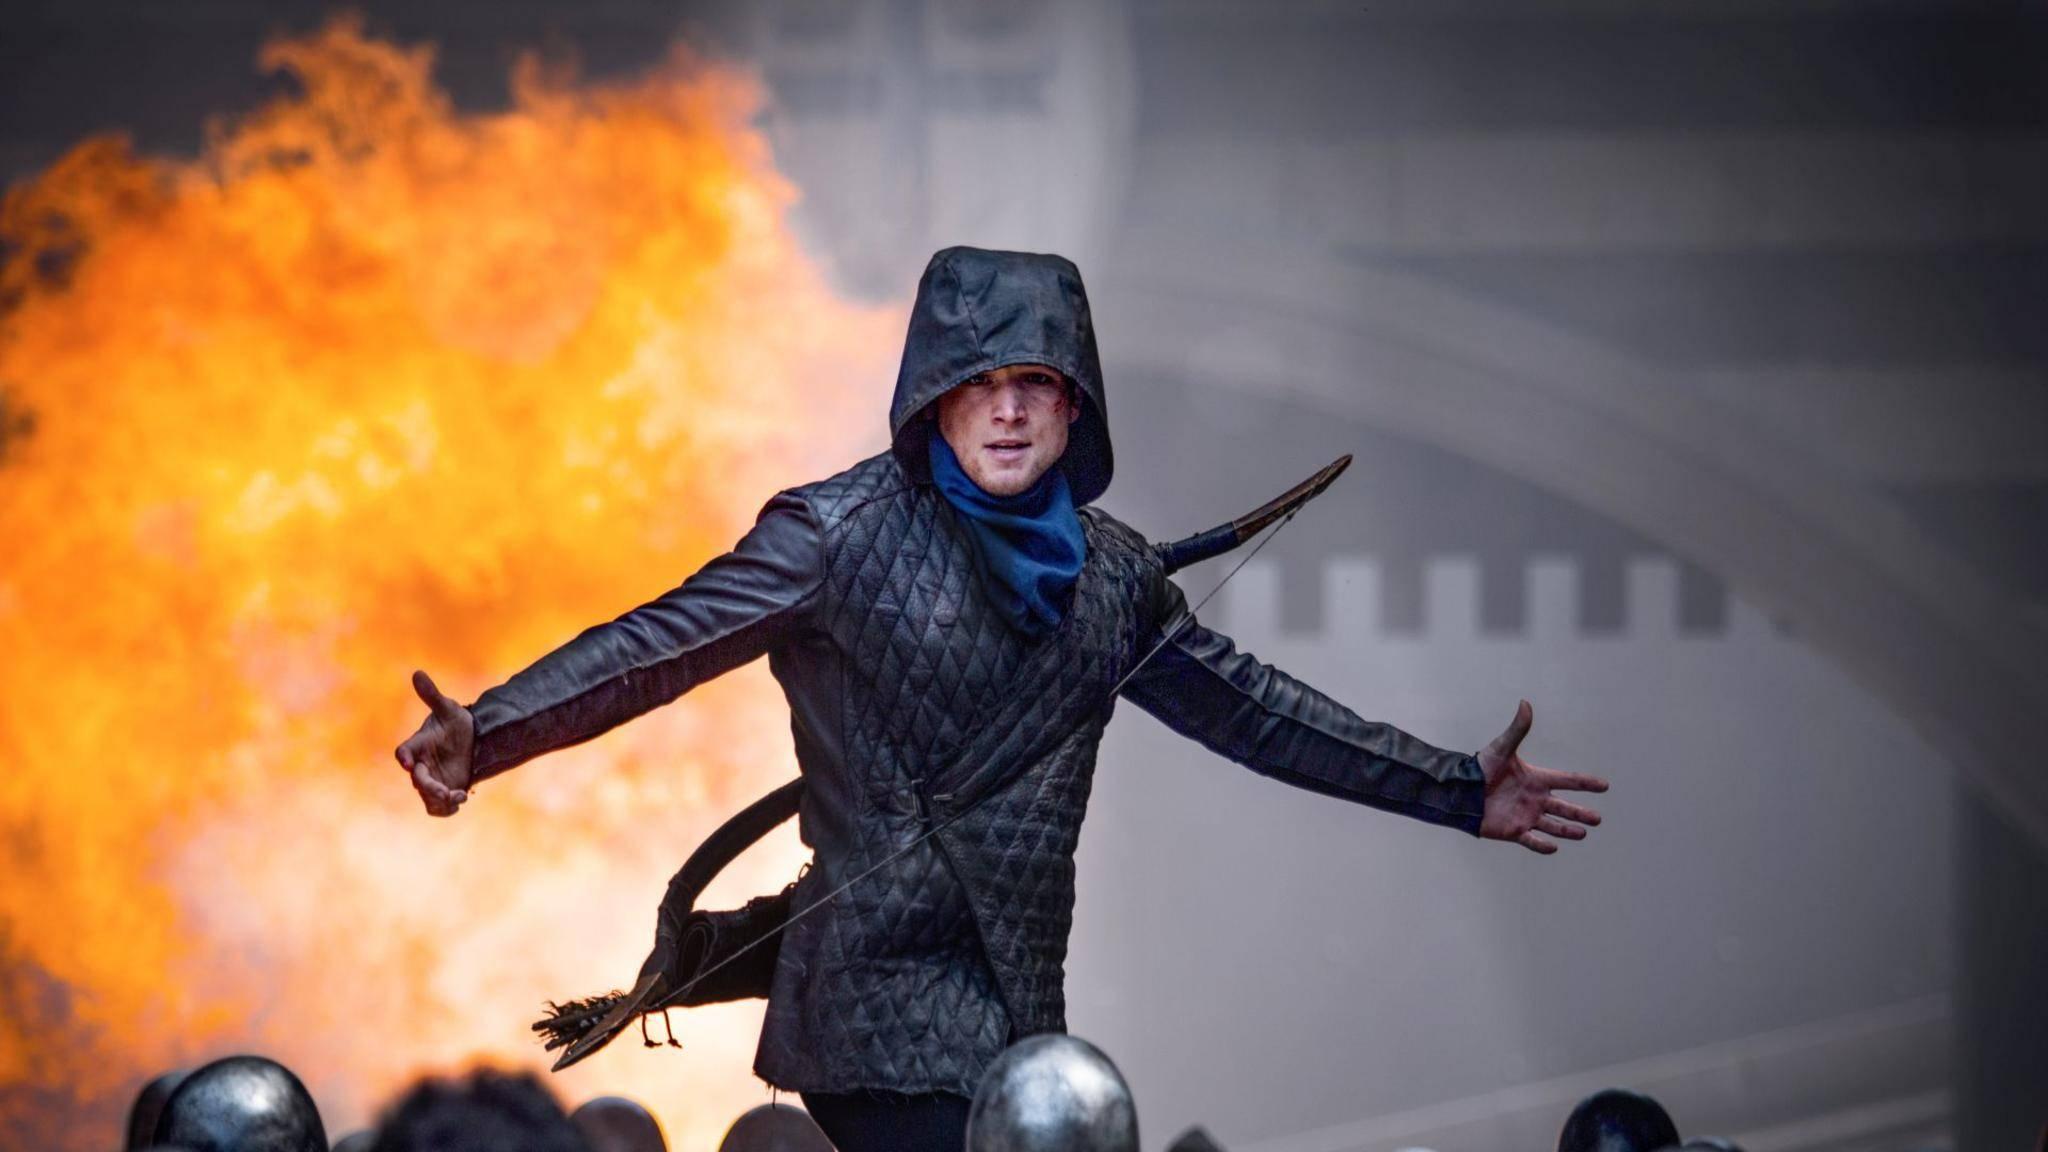 """Come at me, bro! """"Robin Hood"""" kommt bei der Kritik eher schlecht weg. Scheint ihn aber nicht groß zu beeindrucken."""